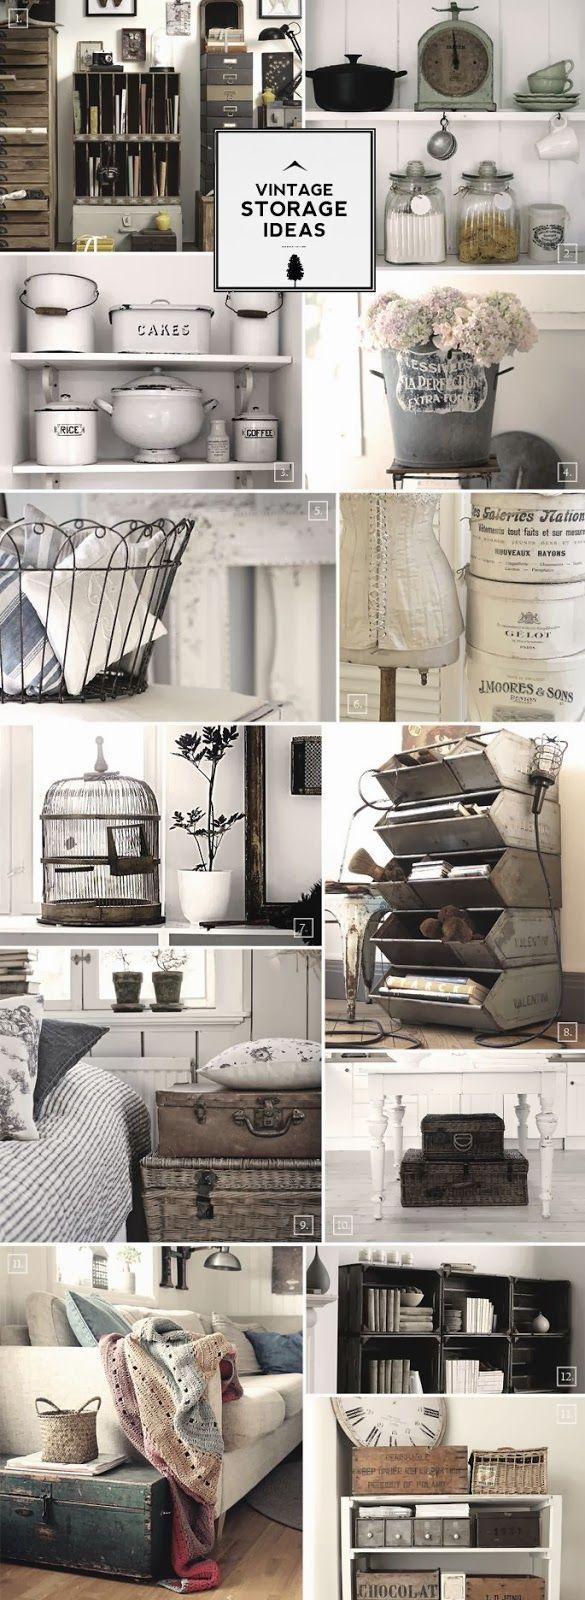 Ideas para almacenar y decorar a lo vintage.